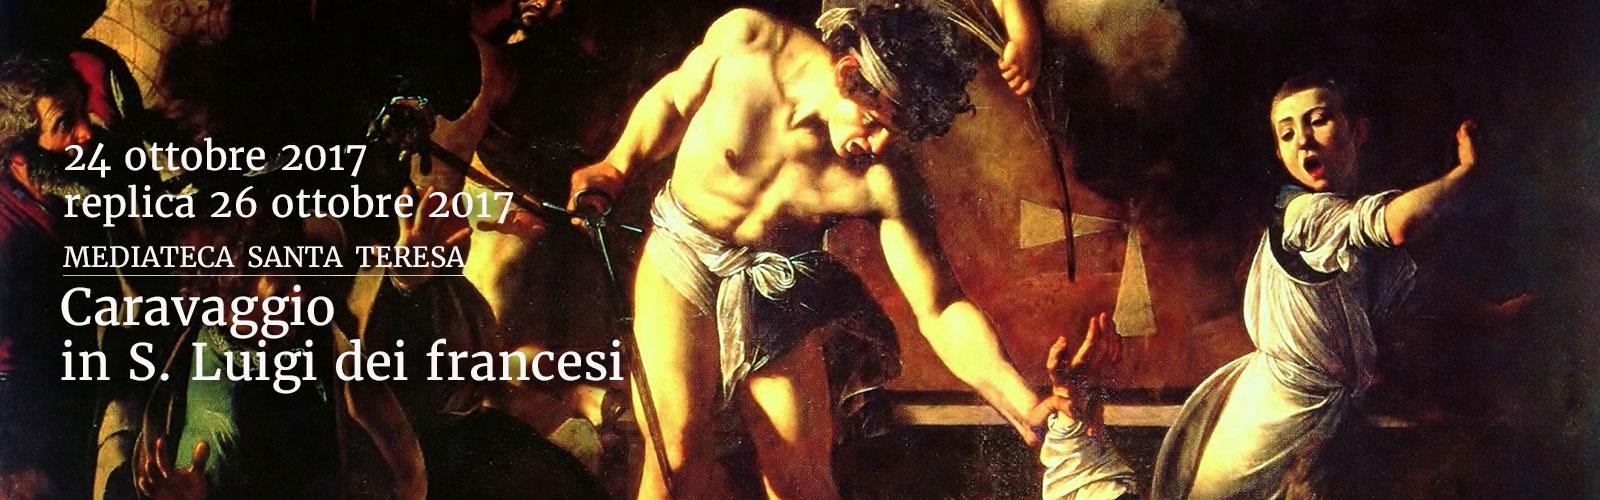 Caravaggio in S. Luigi dei francesi